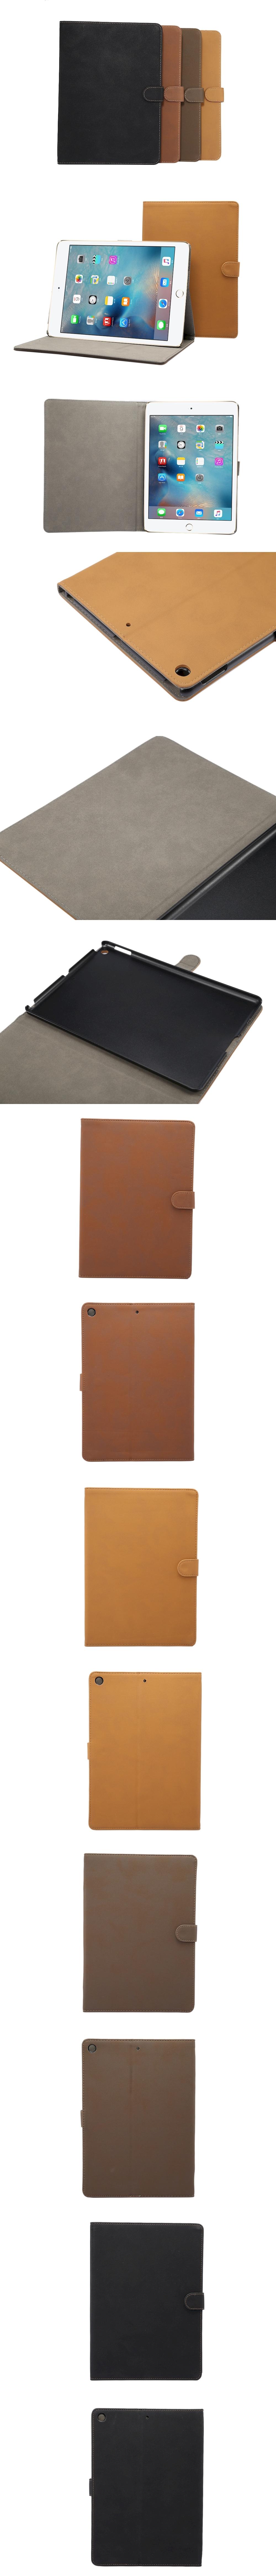 540-599-IPad-復古紋翻蓋扣帶皮套支架平板套